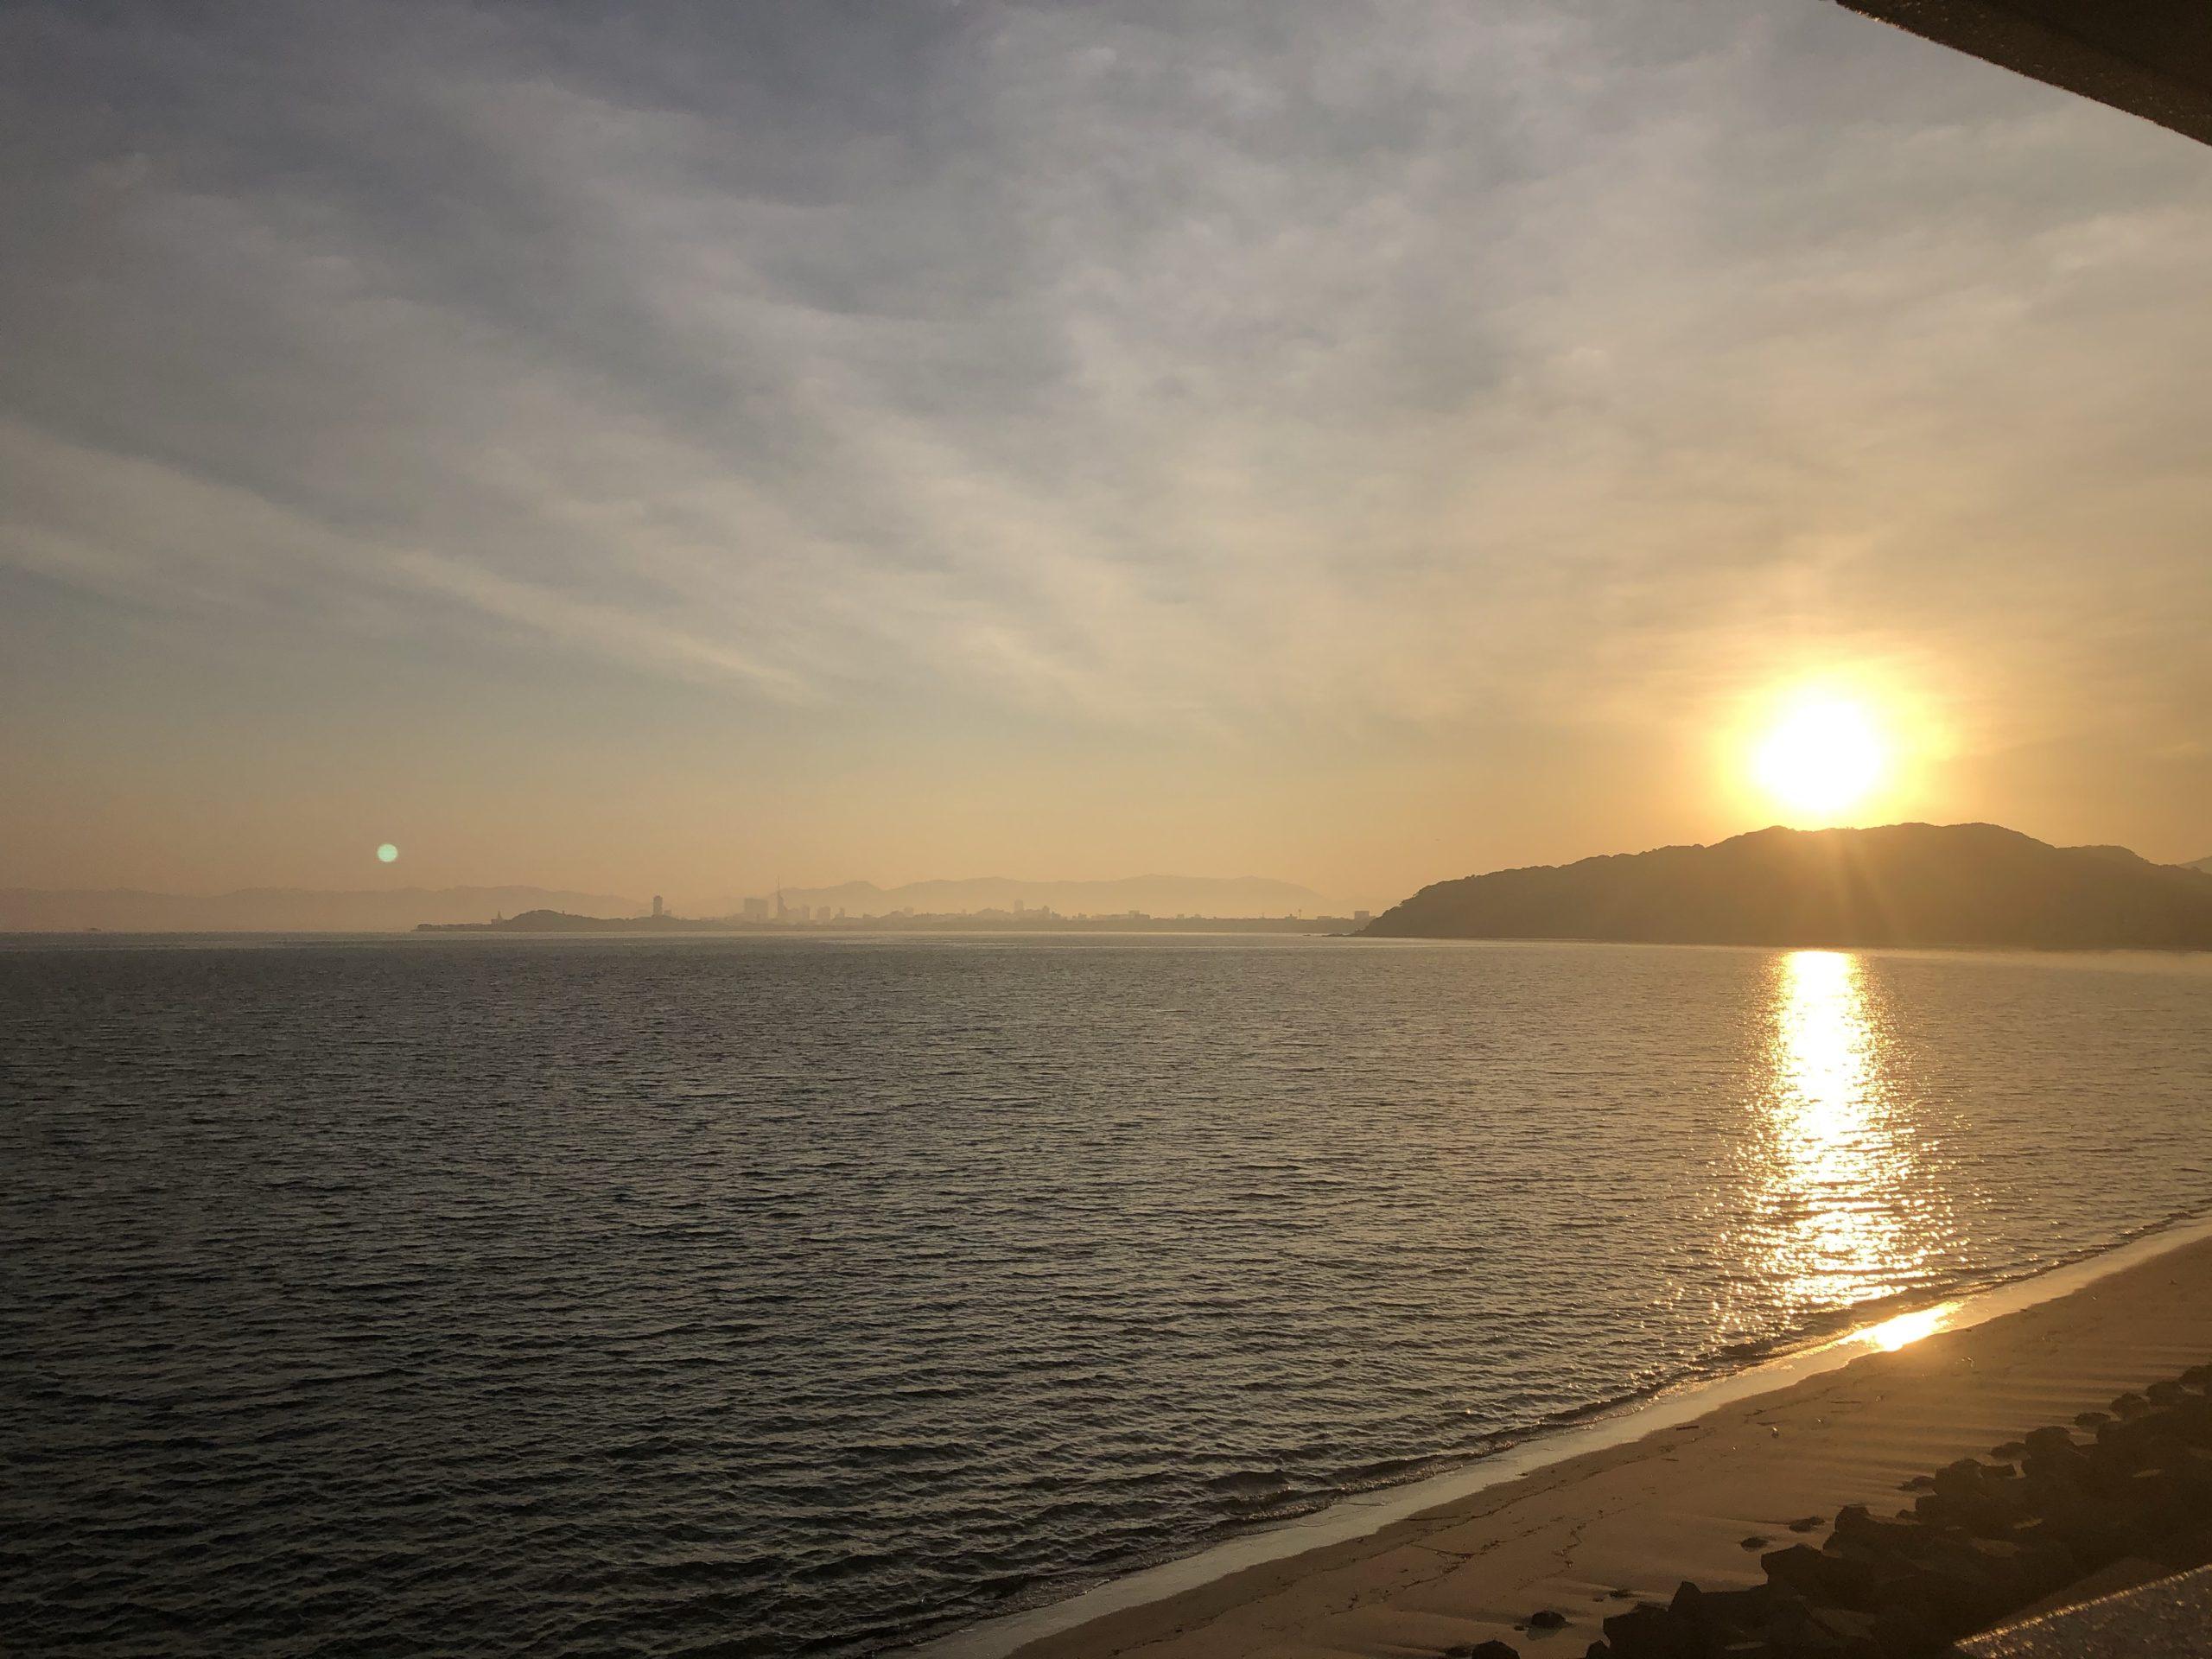 「朝の日光」の効果がすごい ➂『自分の気持ちが分かるようになる』